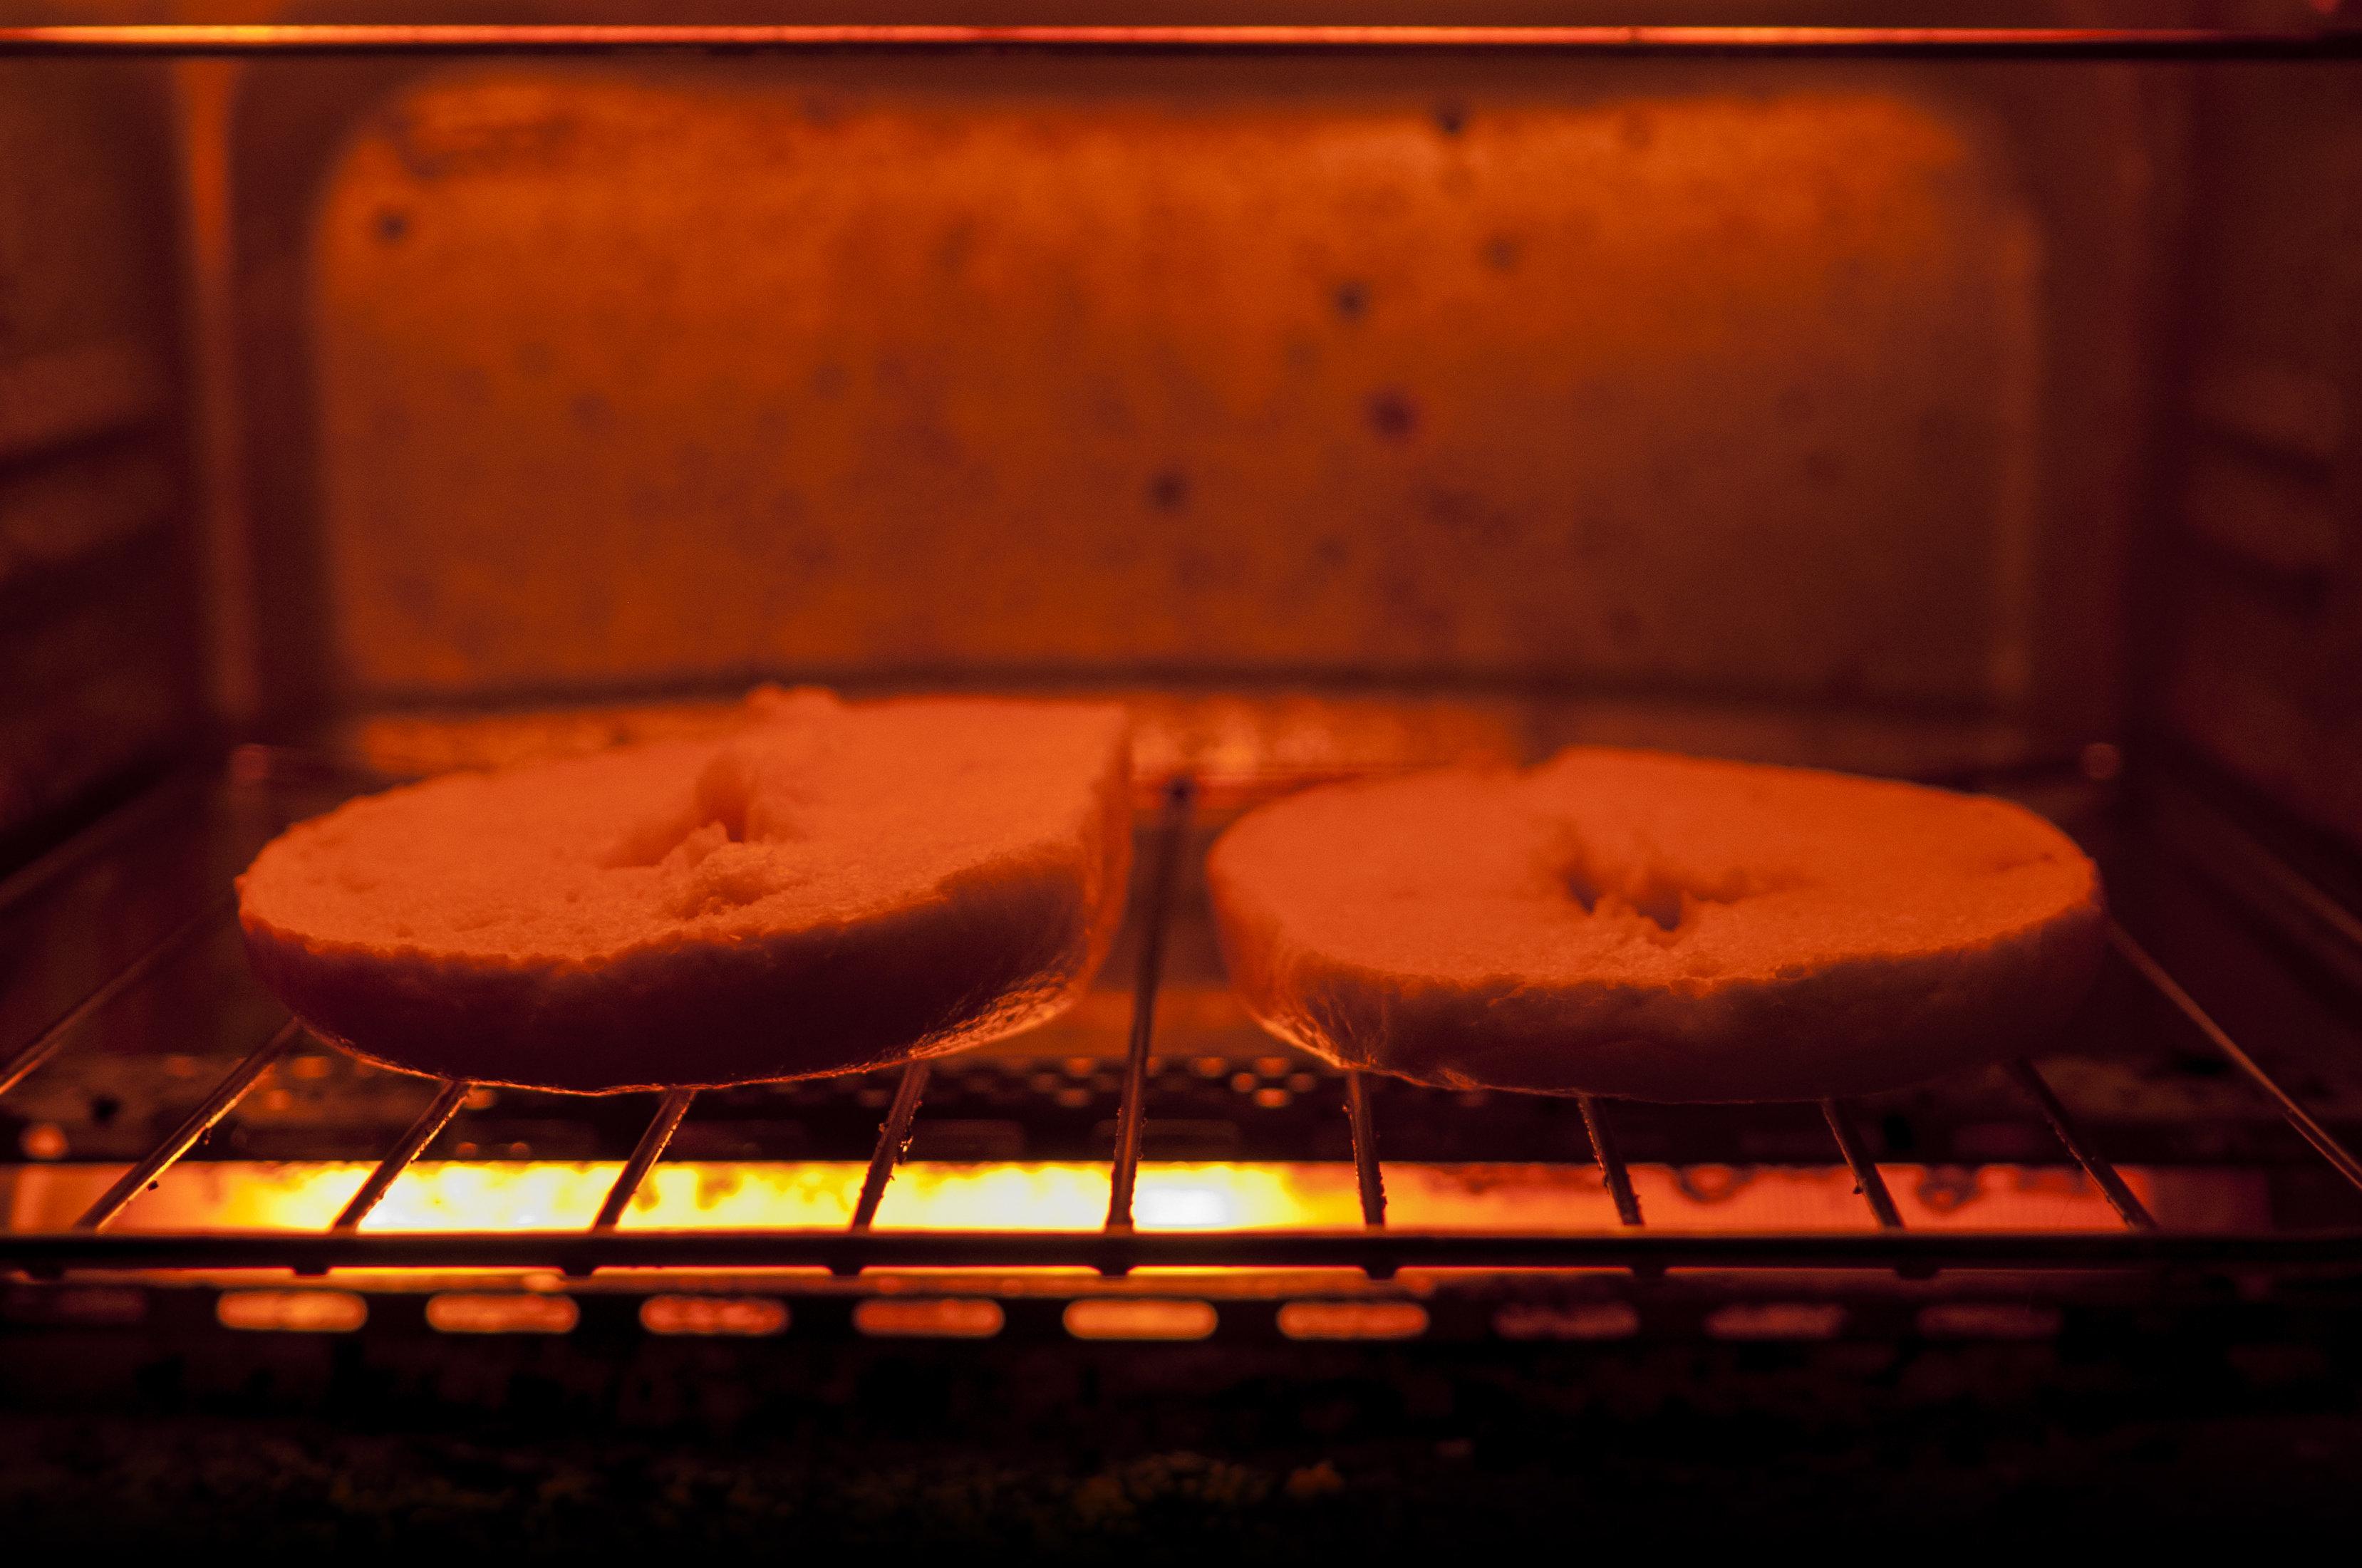 Burnt bagel causes Lambert Airport evacuation